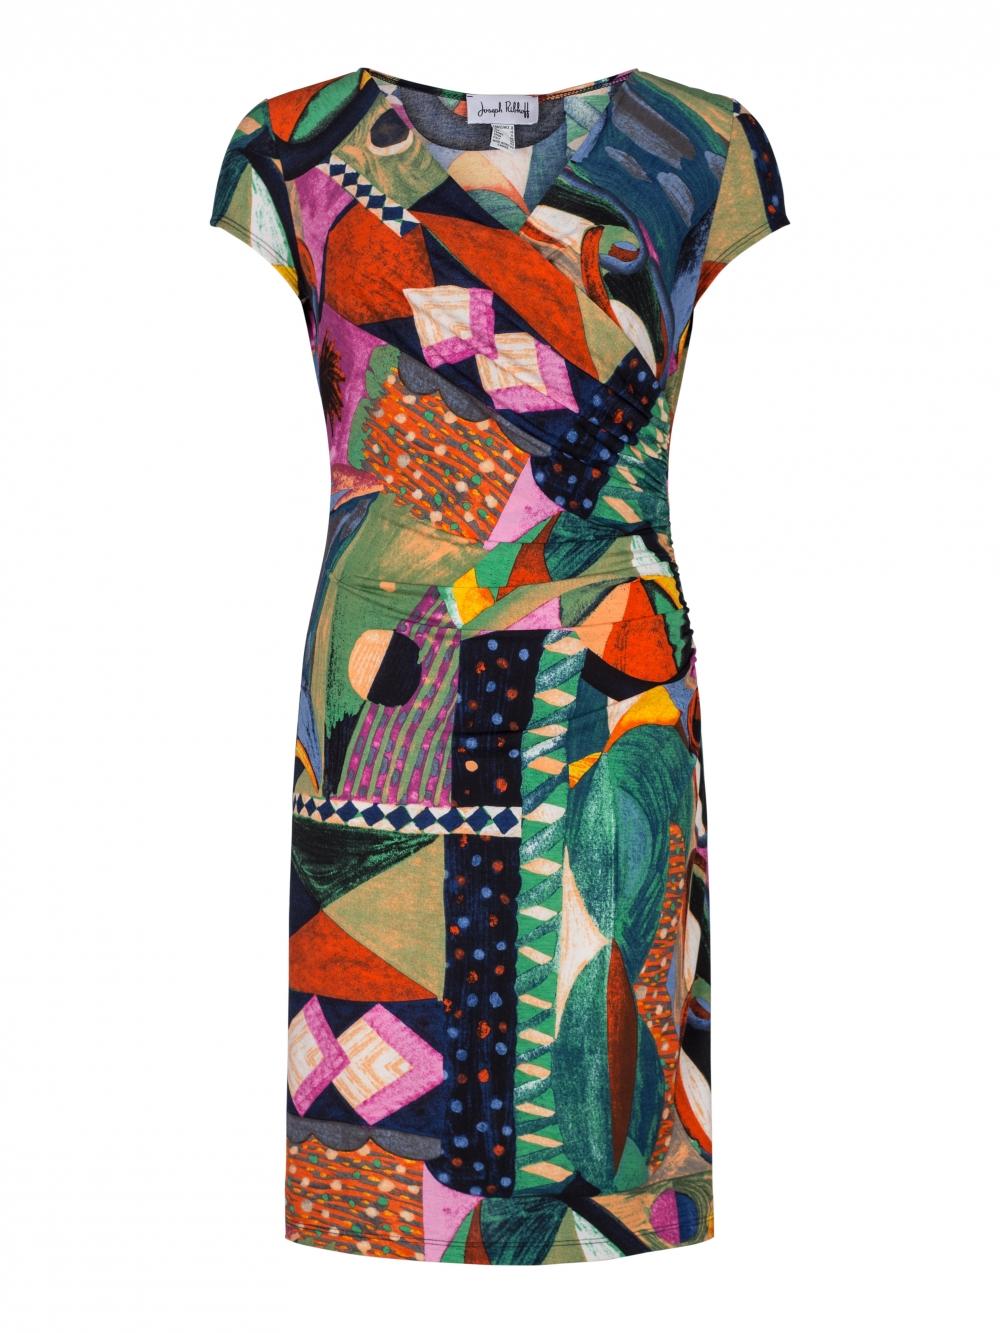 5b5180336361 Klänning från Joseph Ribkoff - handla i butik eller online hos Modevil